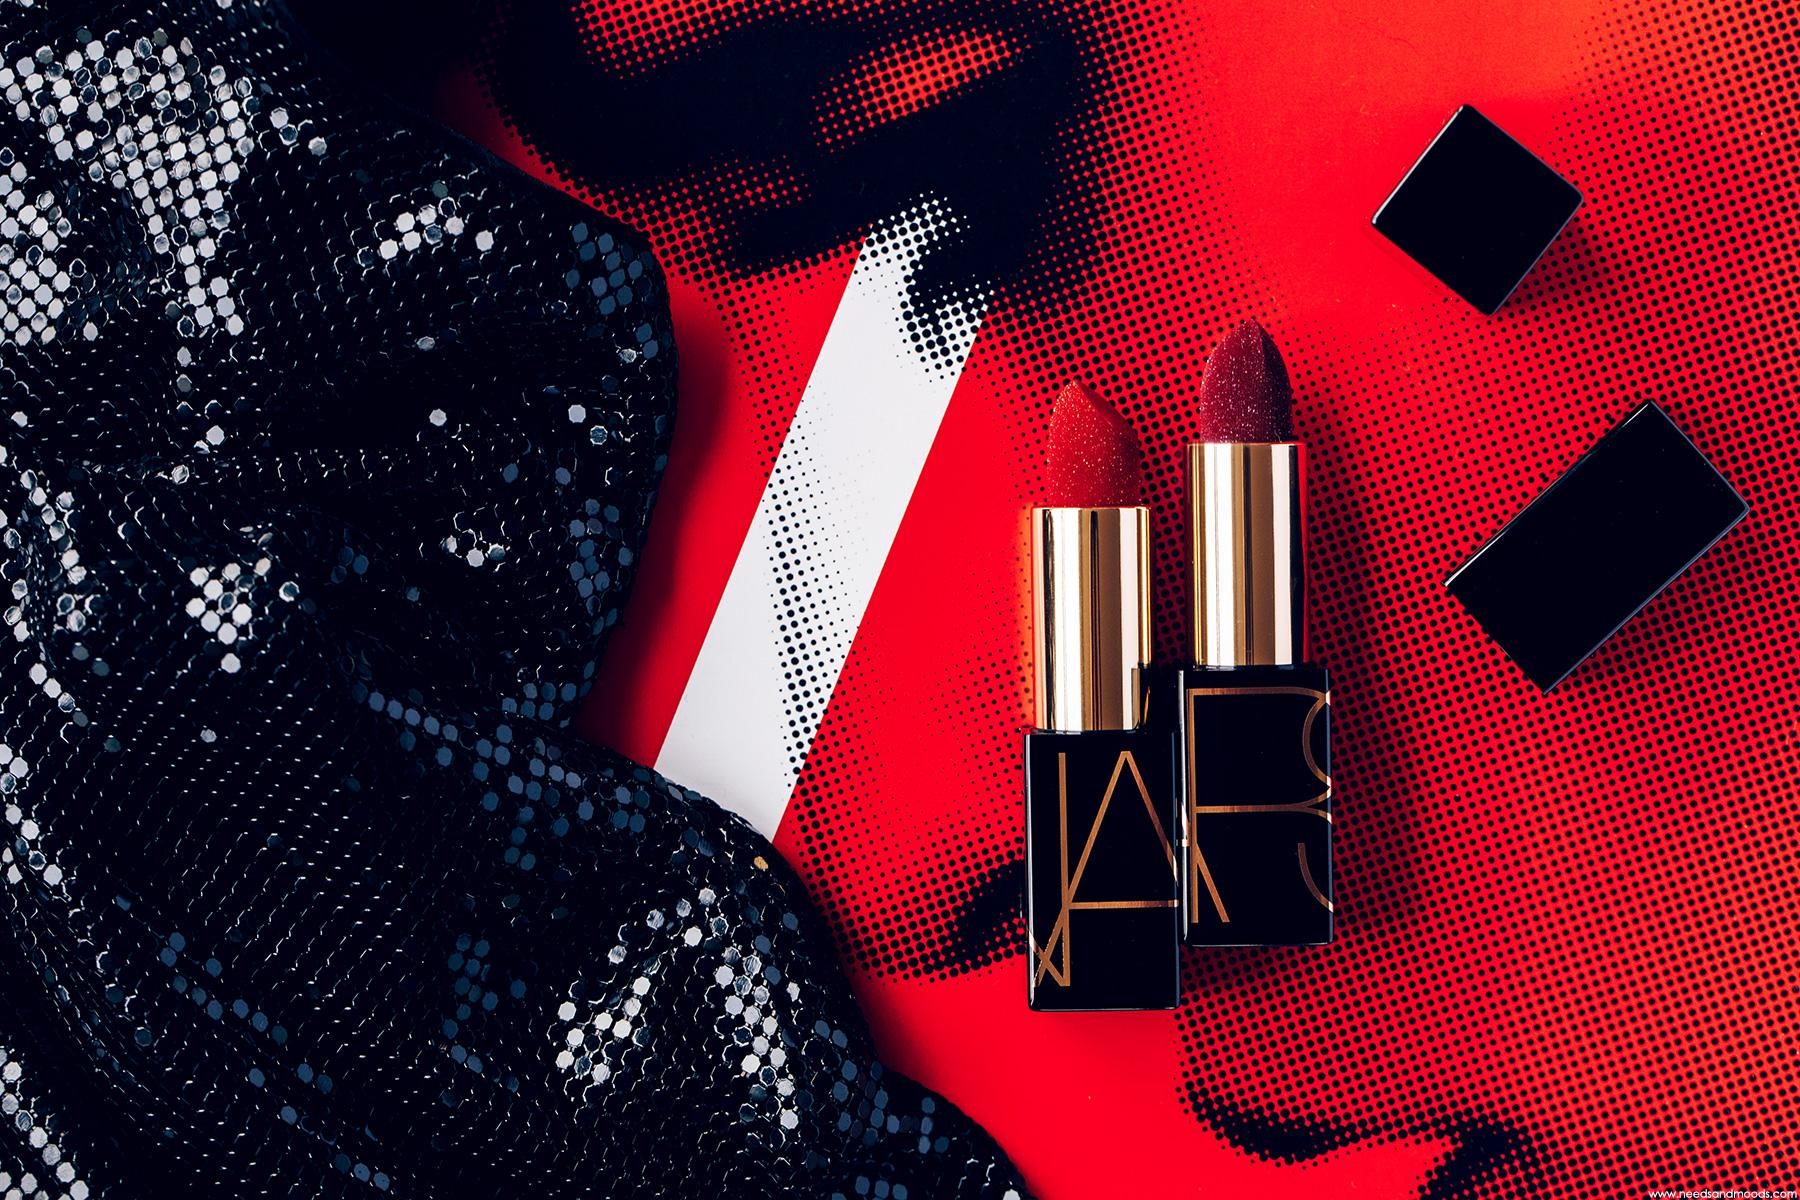 nars studio 54 disco dust lipstick